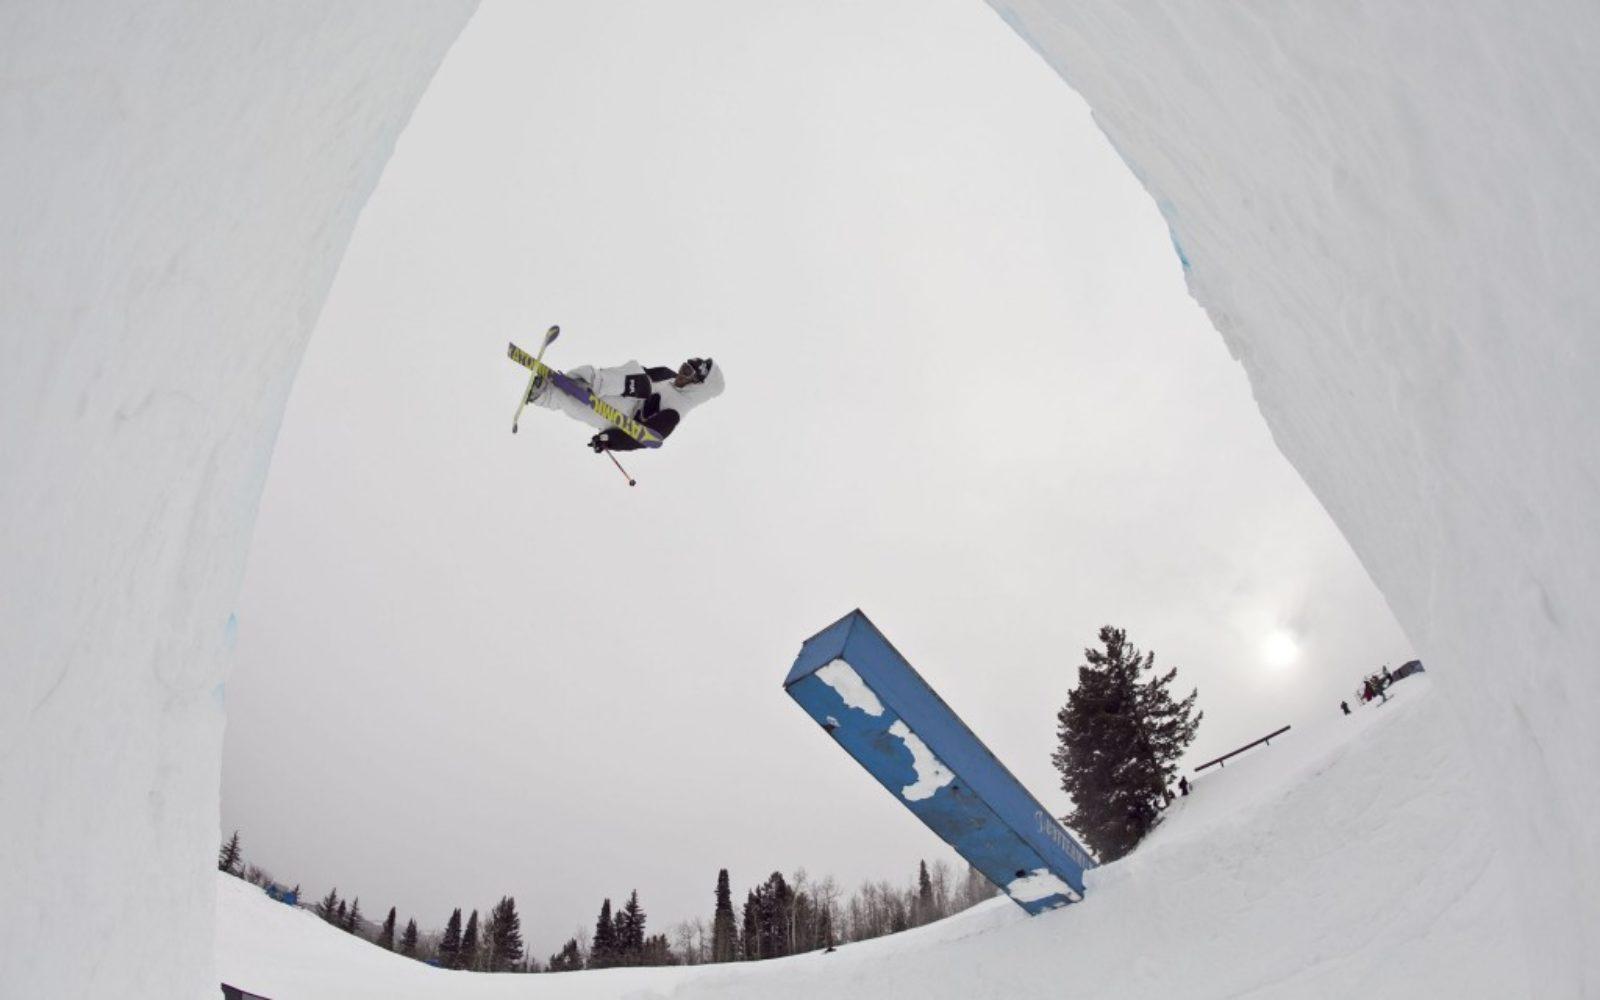 sports-xgames-skier-whiteout-1024x640